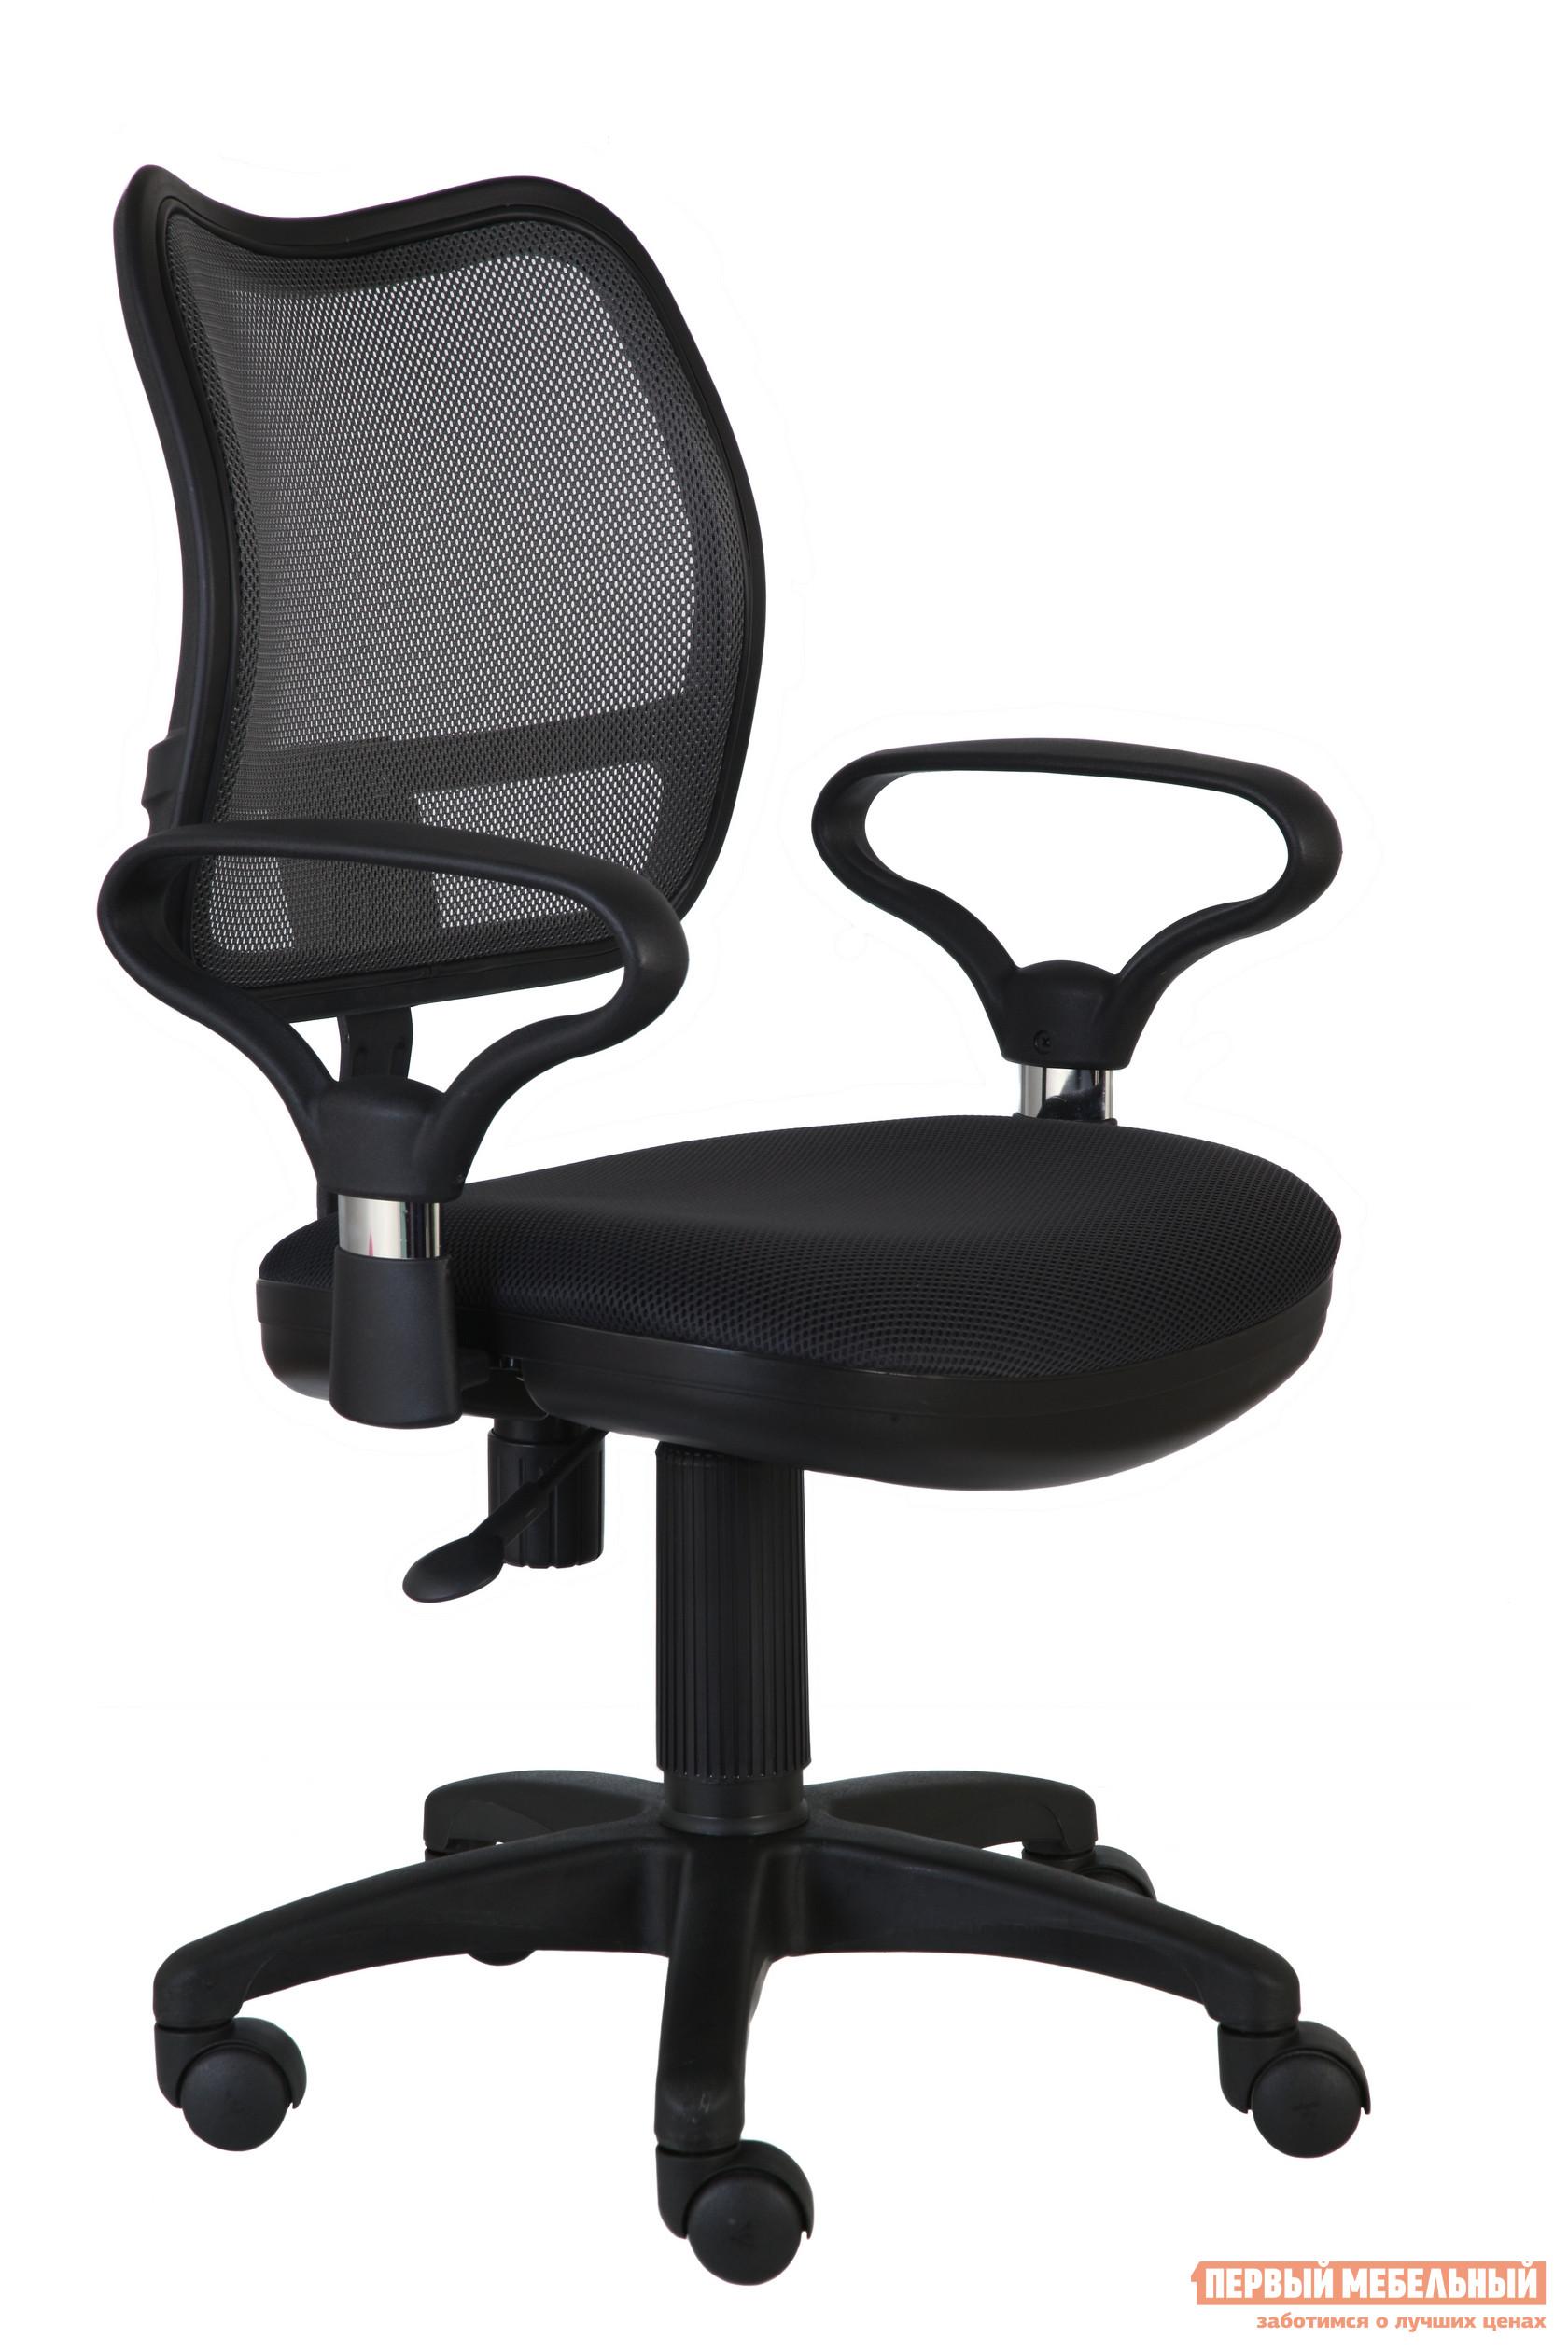 Кресло для офиса Бюрократ CH-799AXSN TW-11 Черный от Купистол